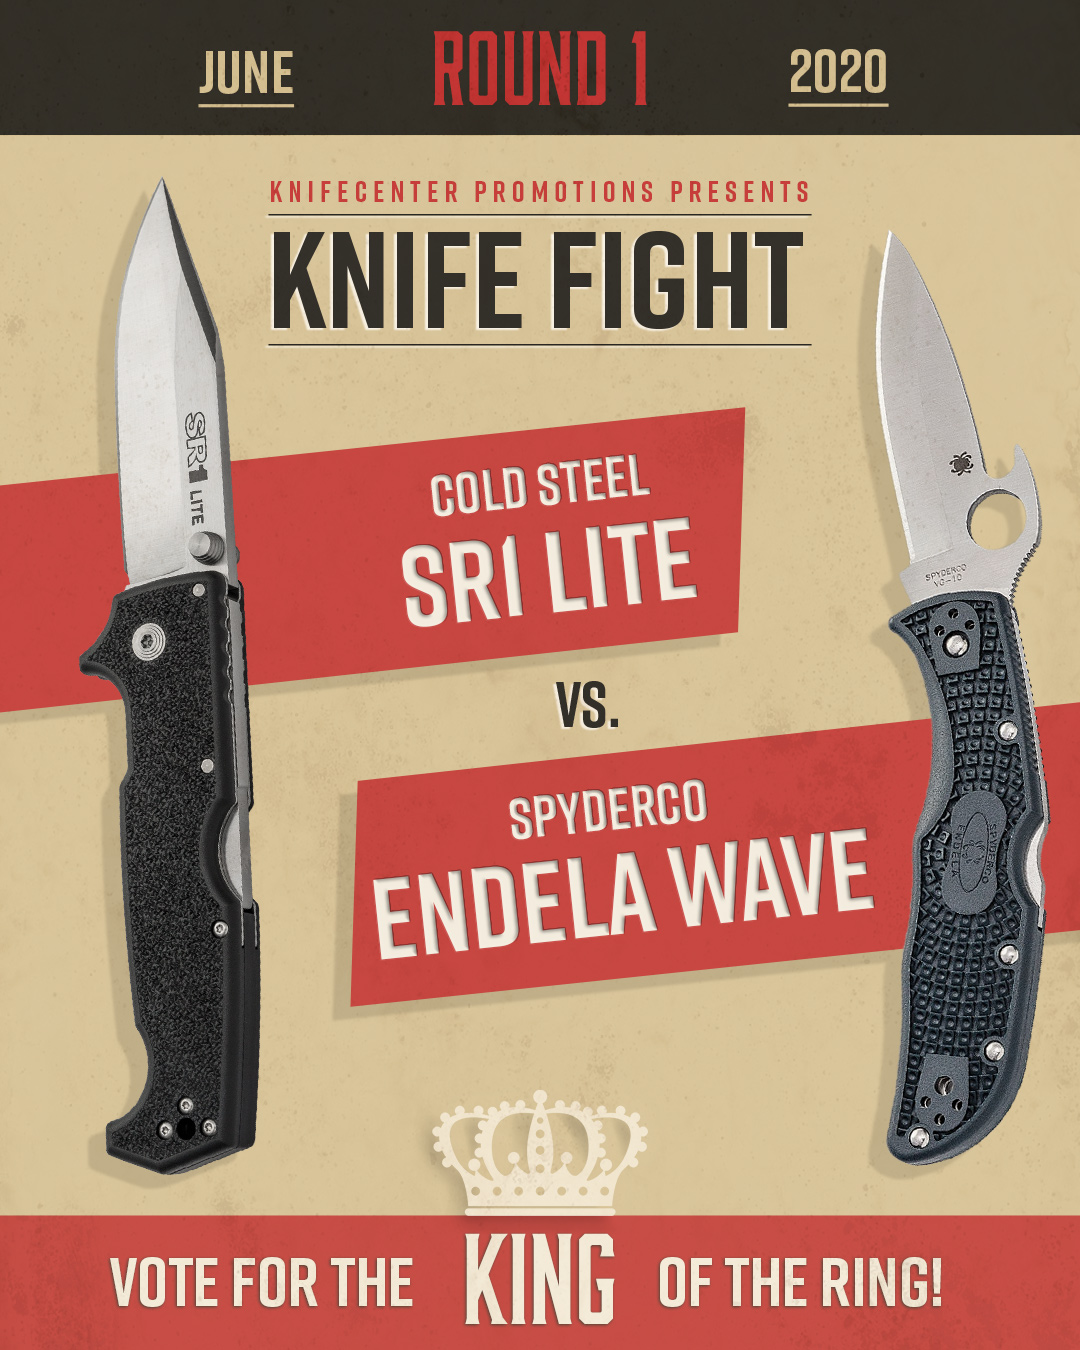 Cold Steel SR1 Lite vs Spyderco Endela Wave